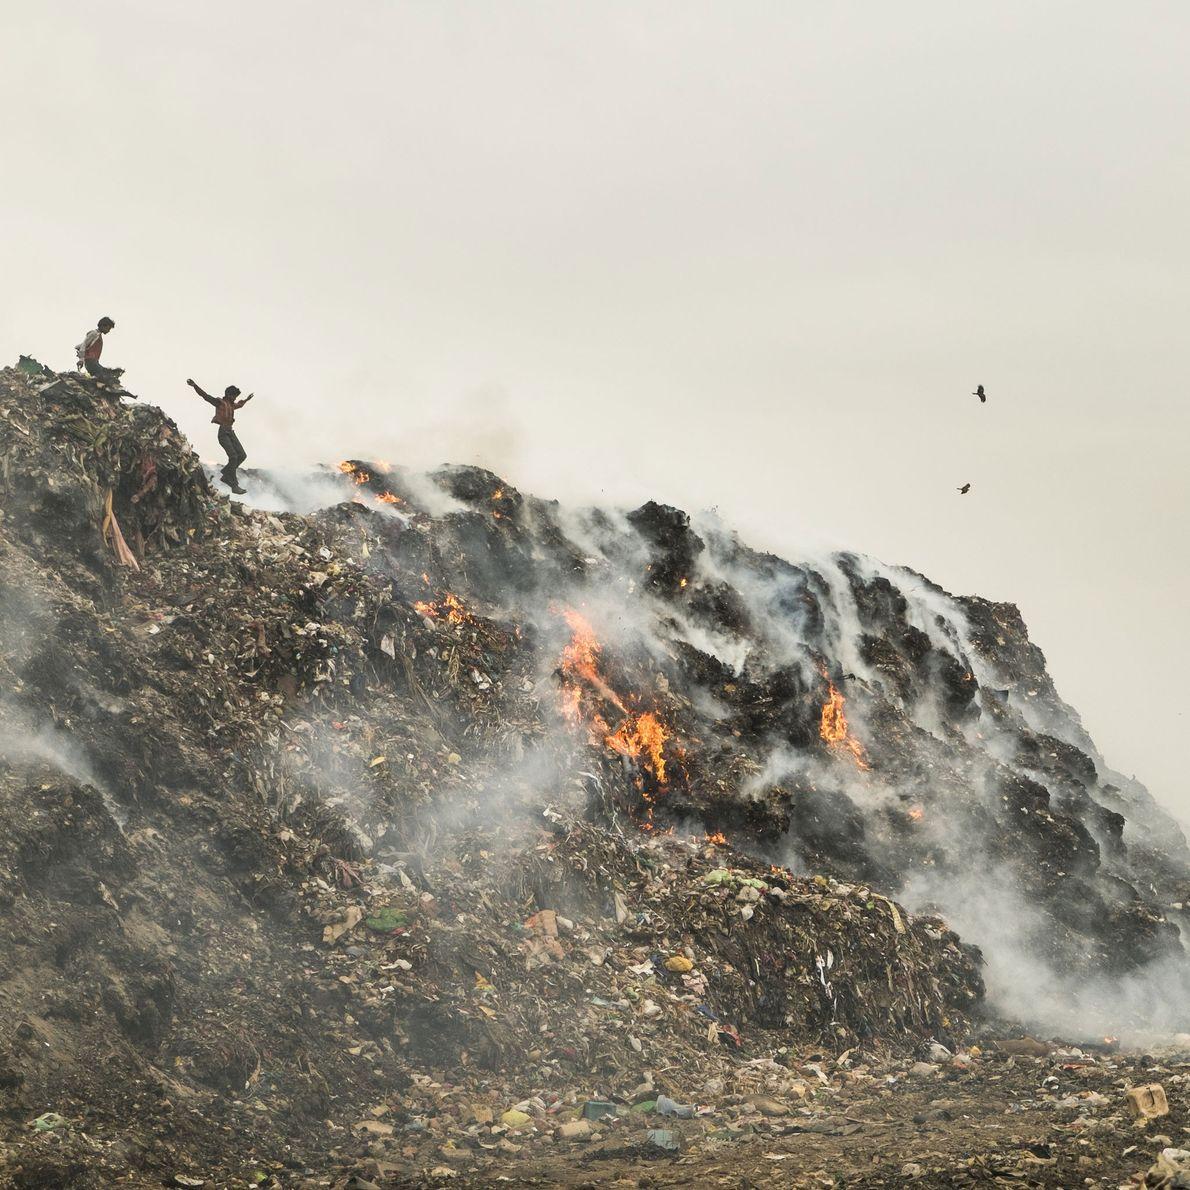 Fotografia da queima de depósitos de lixo